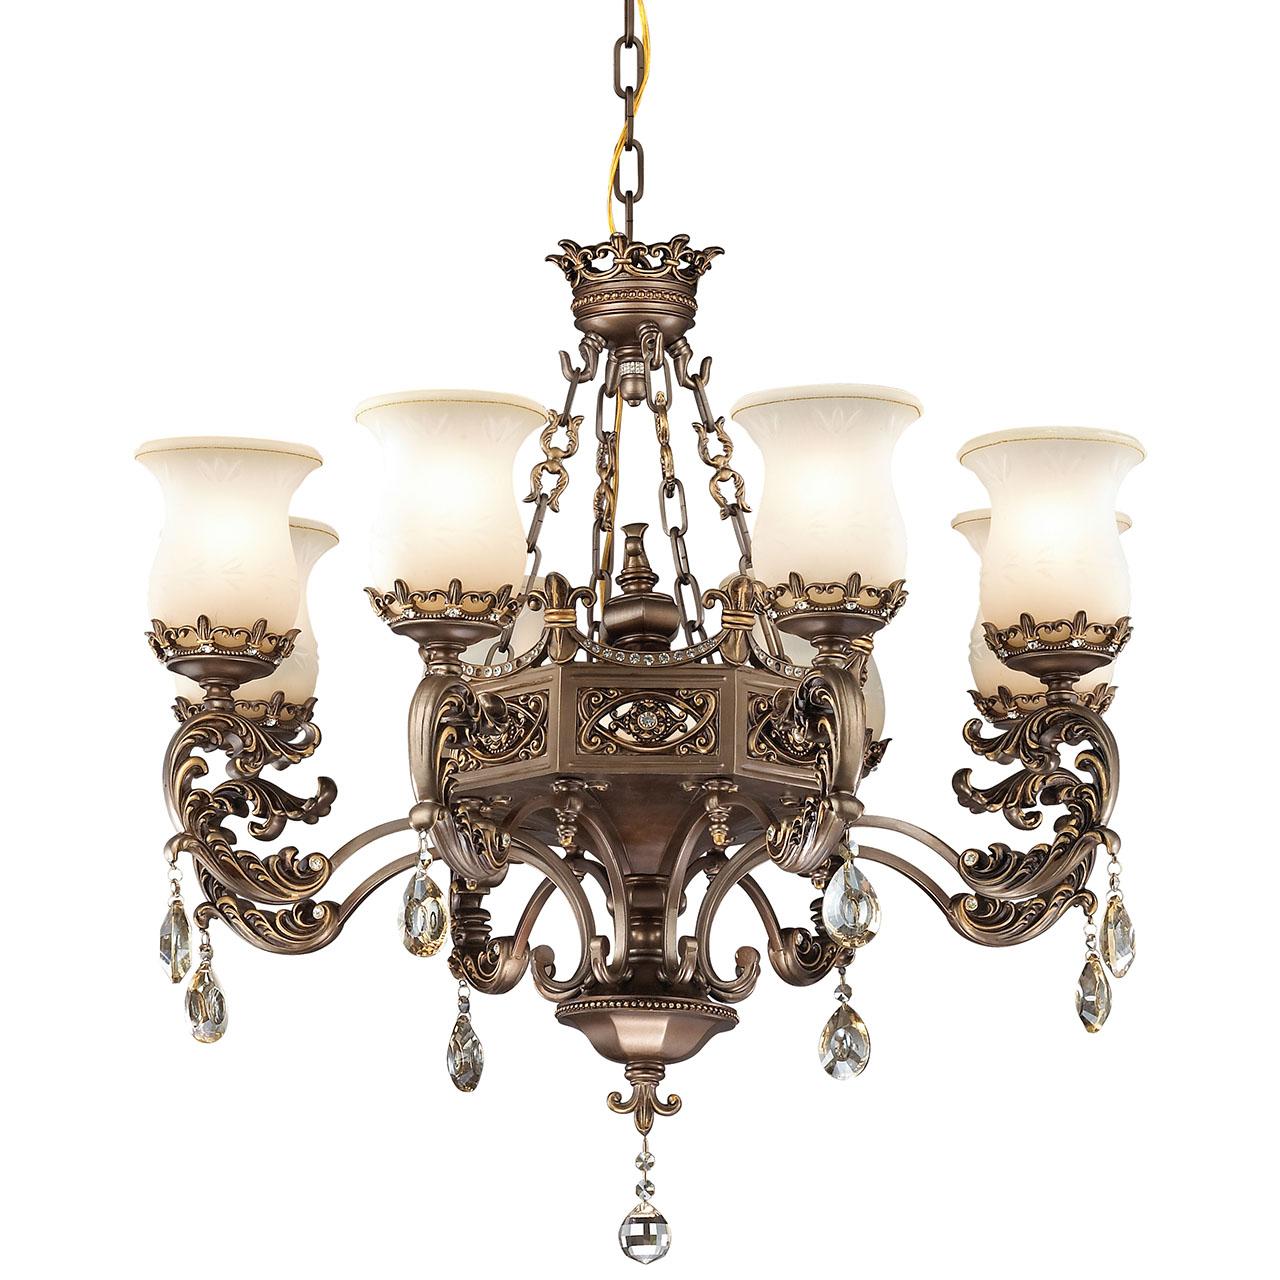 Купить со скидкой Подвесная люстра Odeon Light Varza  в классическом стиле